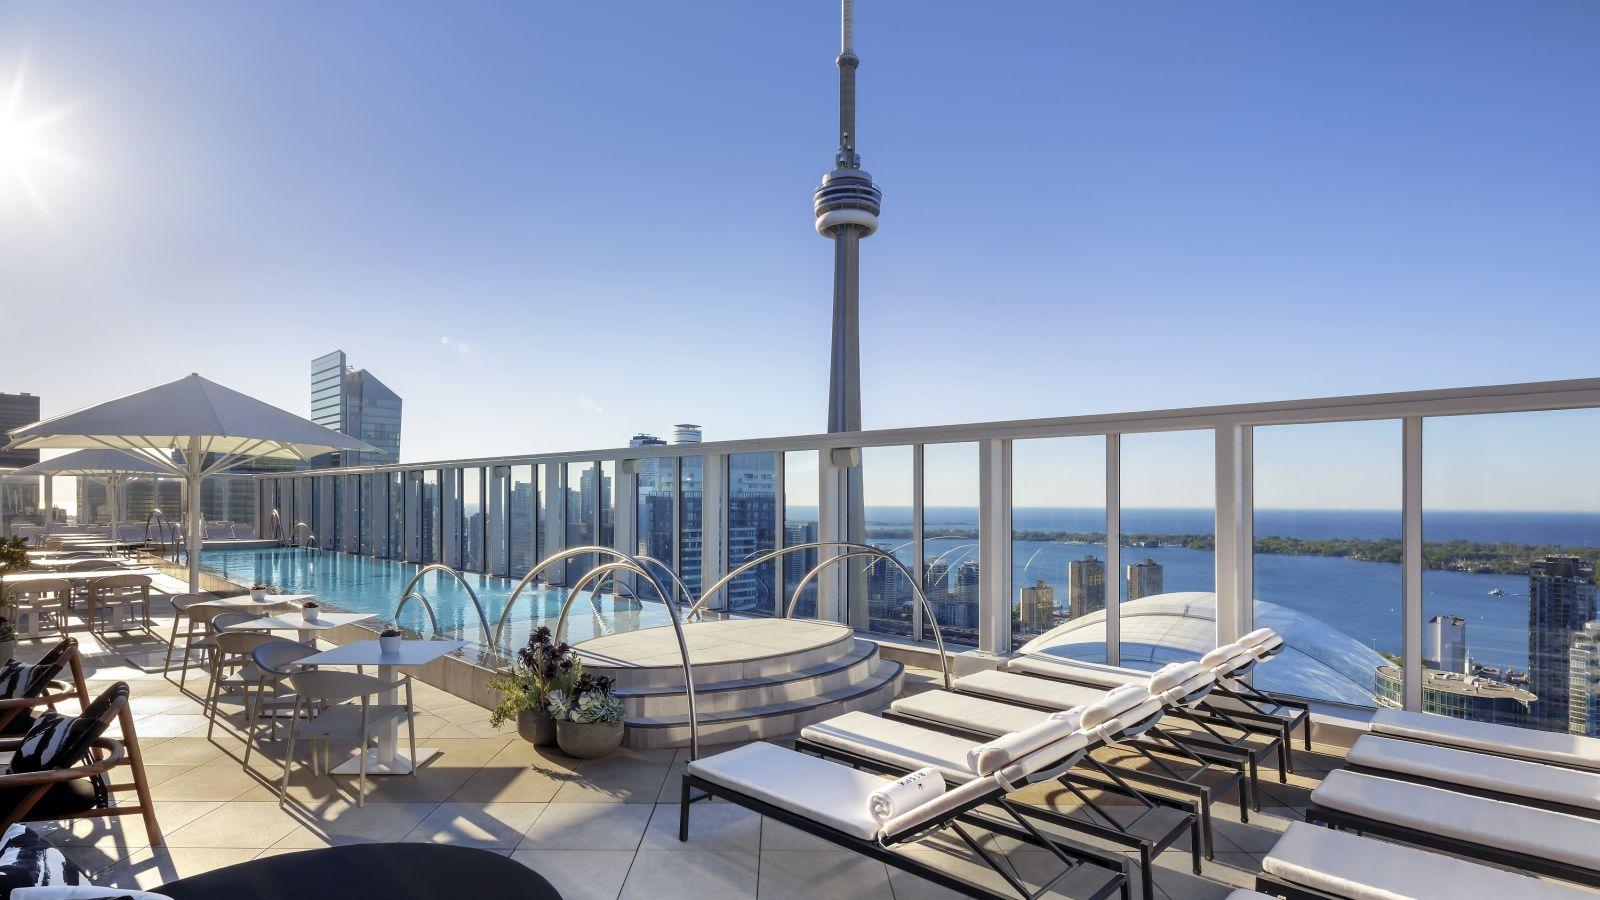 Ezarri-Bisha-Hotel-Toronto-Pool